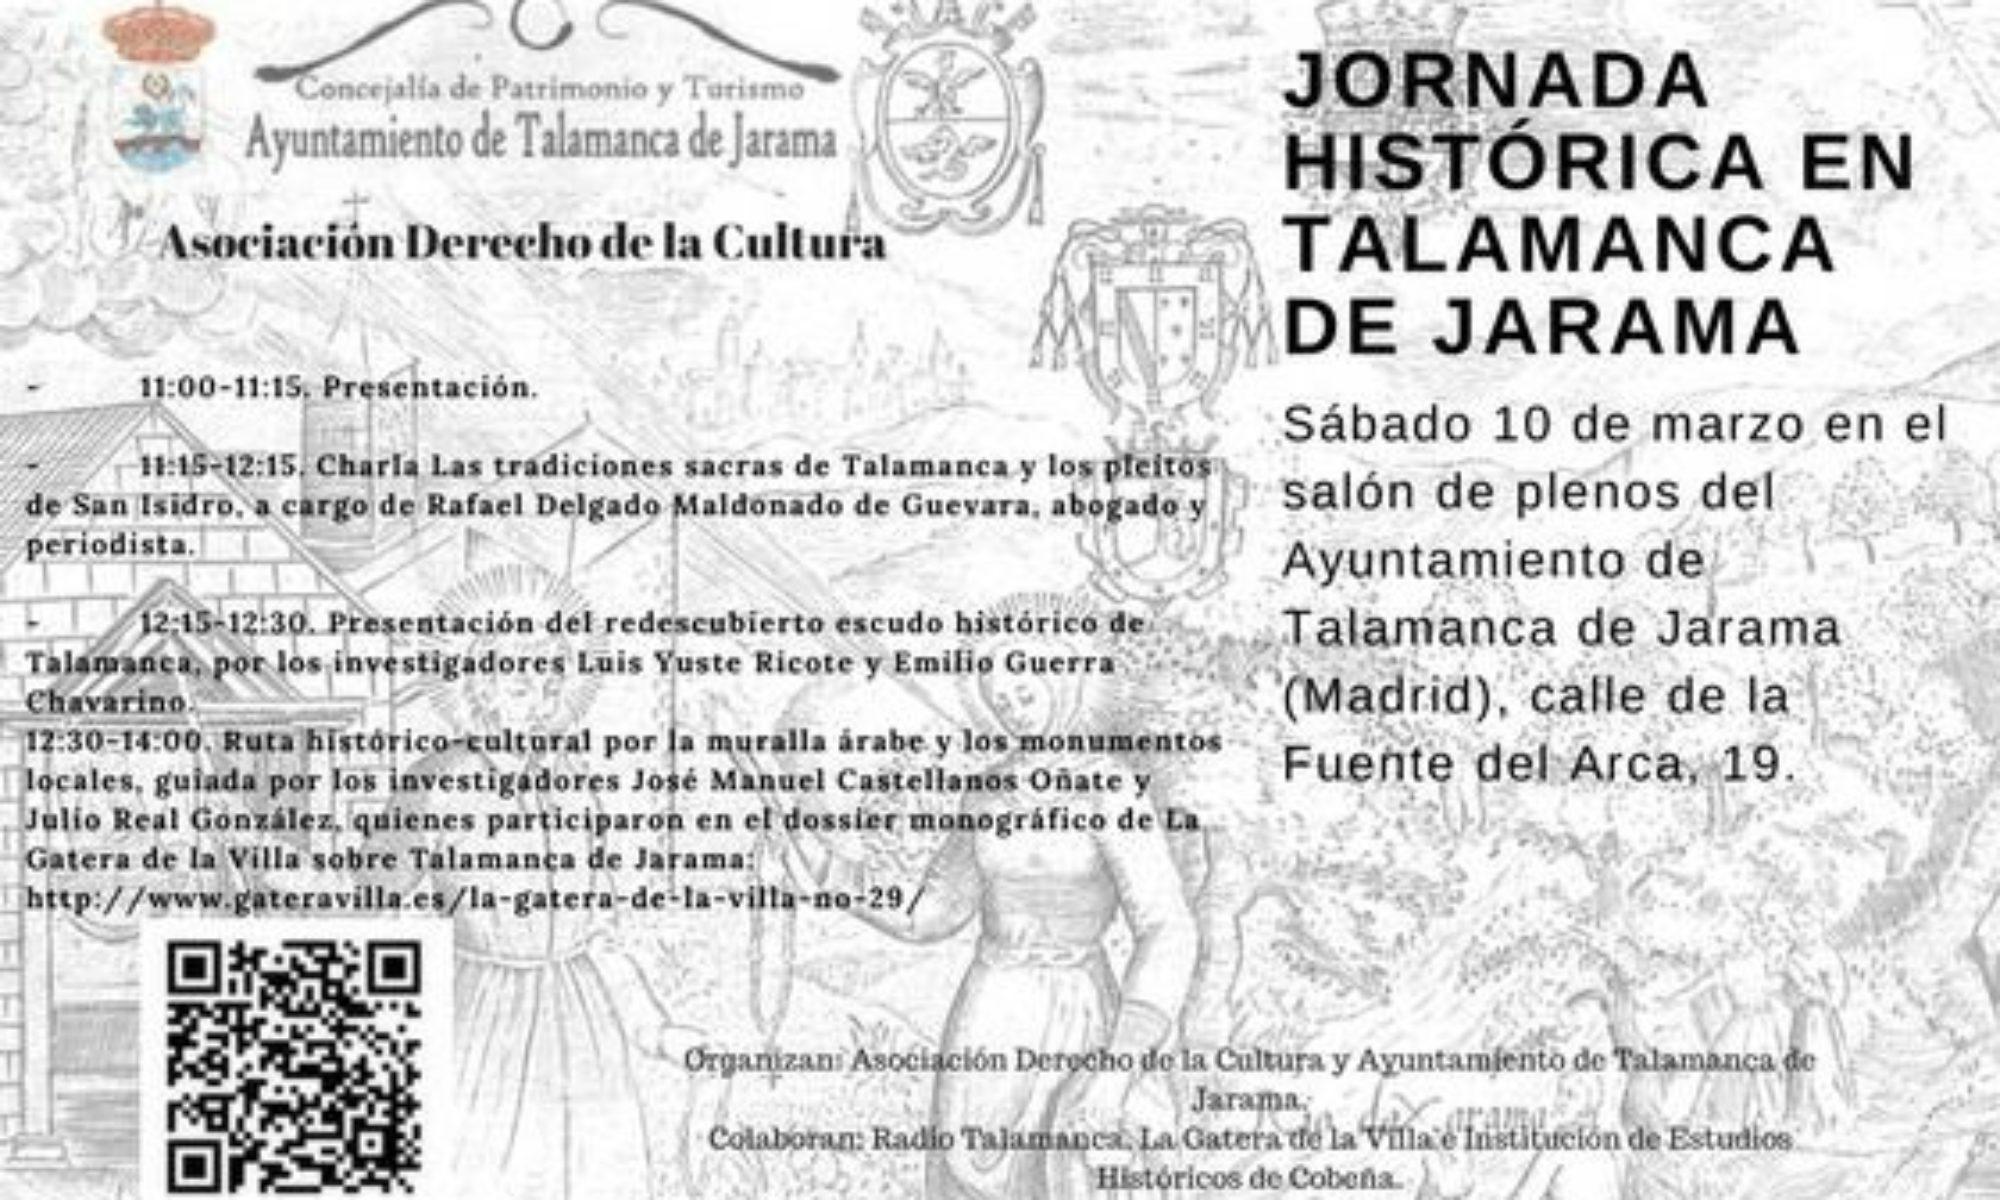 Asociación Derecho de la Cultura